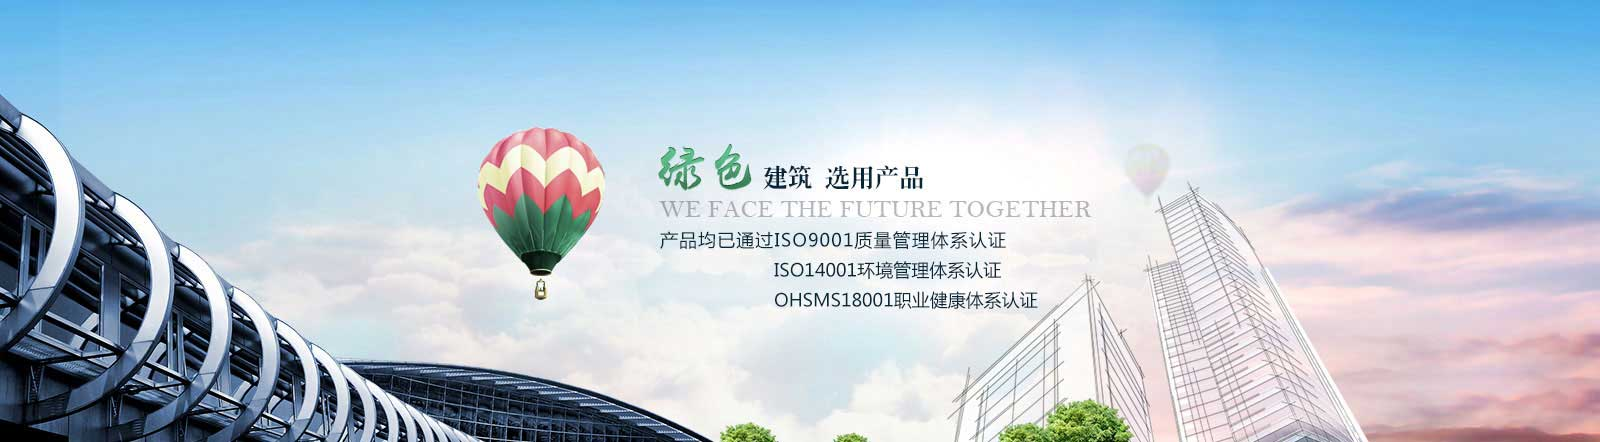 聚氨酯保温板厂家专业生产外墙聚氨酯保温板,硬泡聚氨酯保复合板,聚氨酯复合保温板等外墙保温板